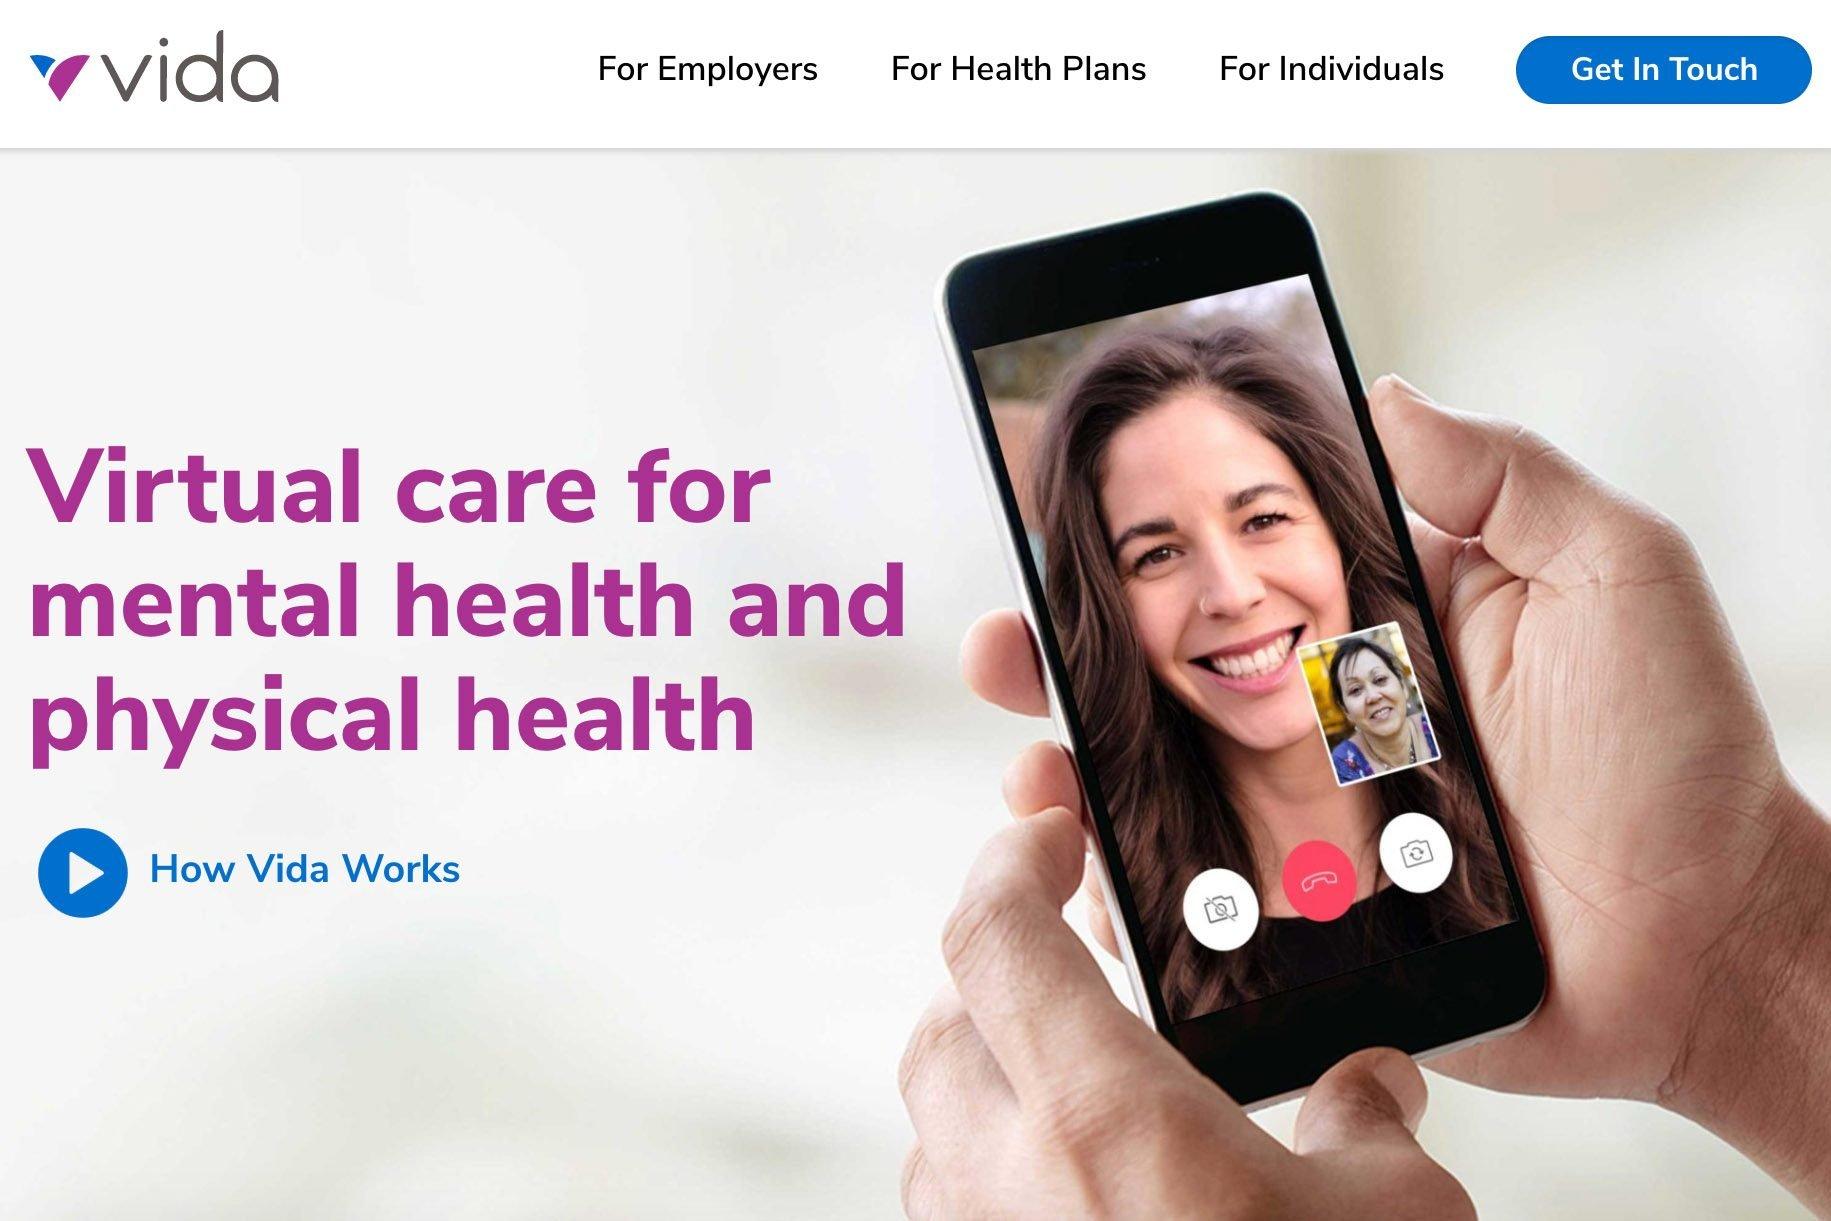 vida health care